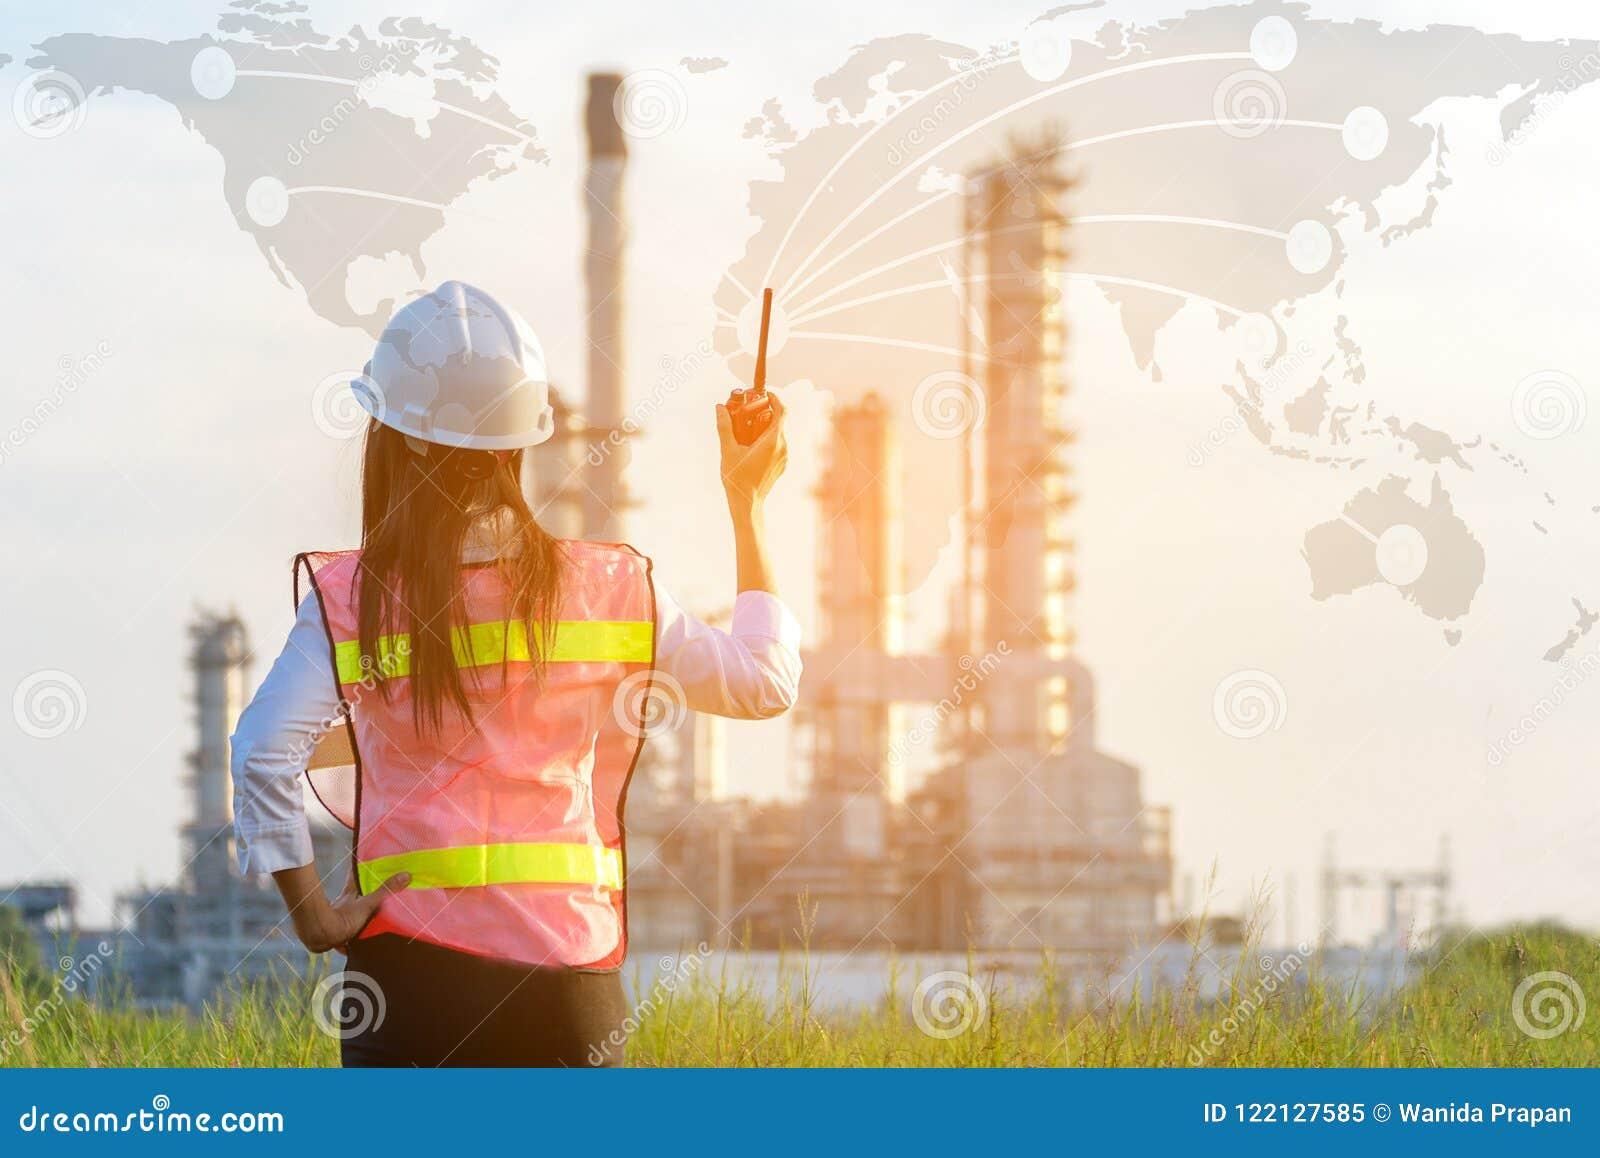 Esperienza di lavoro asiatica delle donne ed elettricista professionale professionista dell ingegnere con controllo di sicurezza